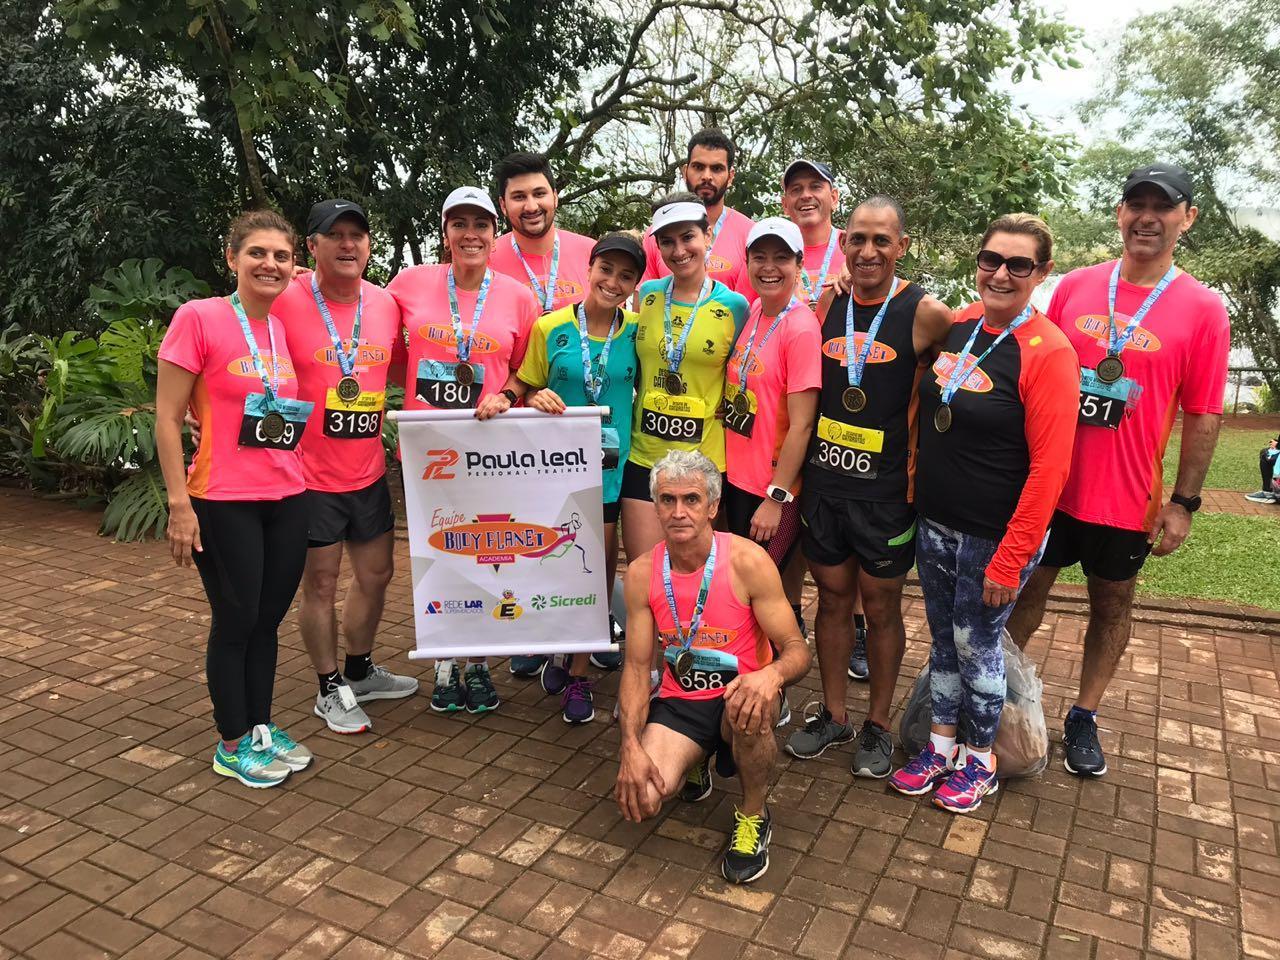 Equipe Body Planet é destaque na Meia Maratona das Cataratas em Foz